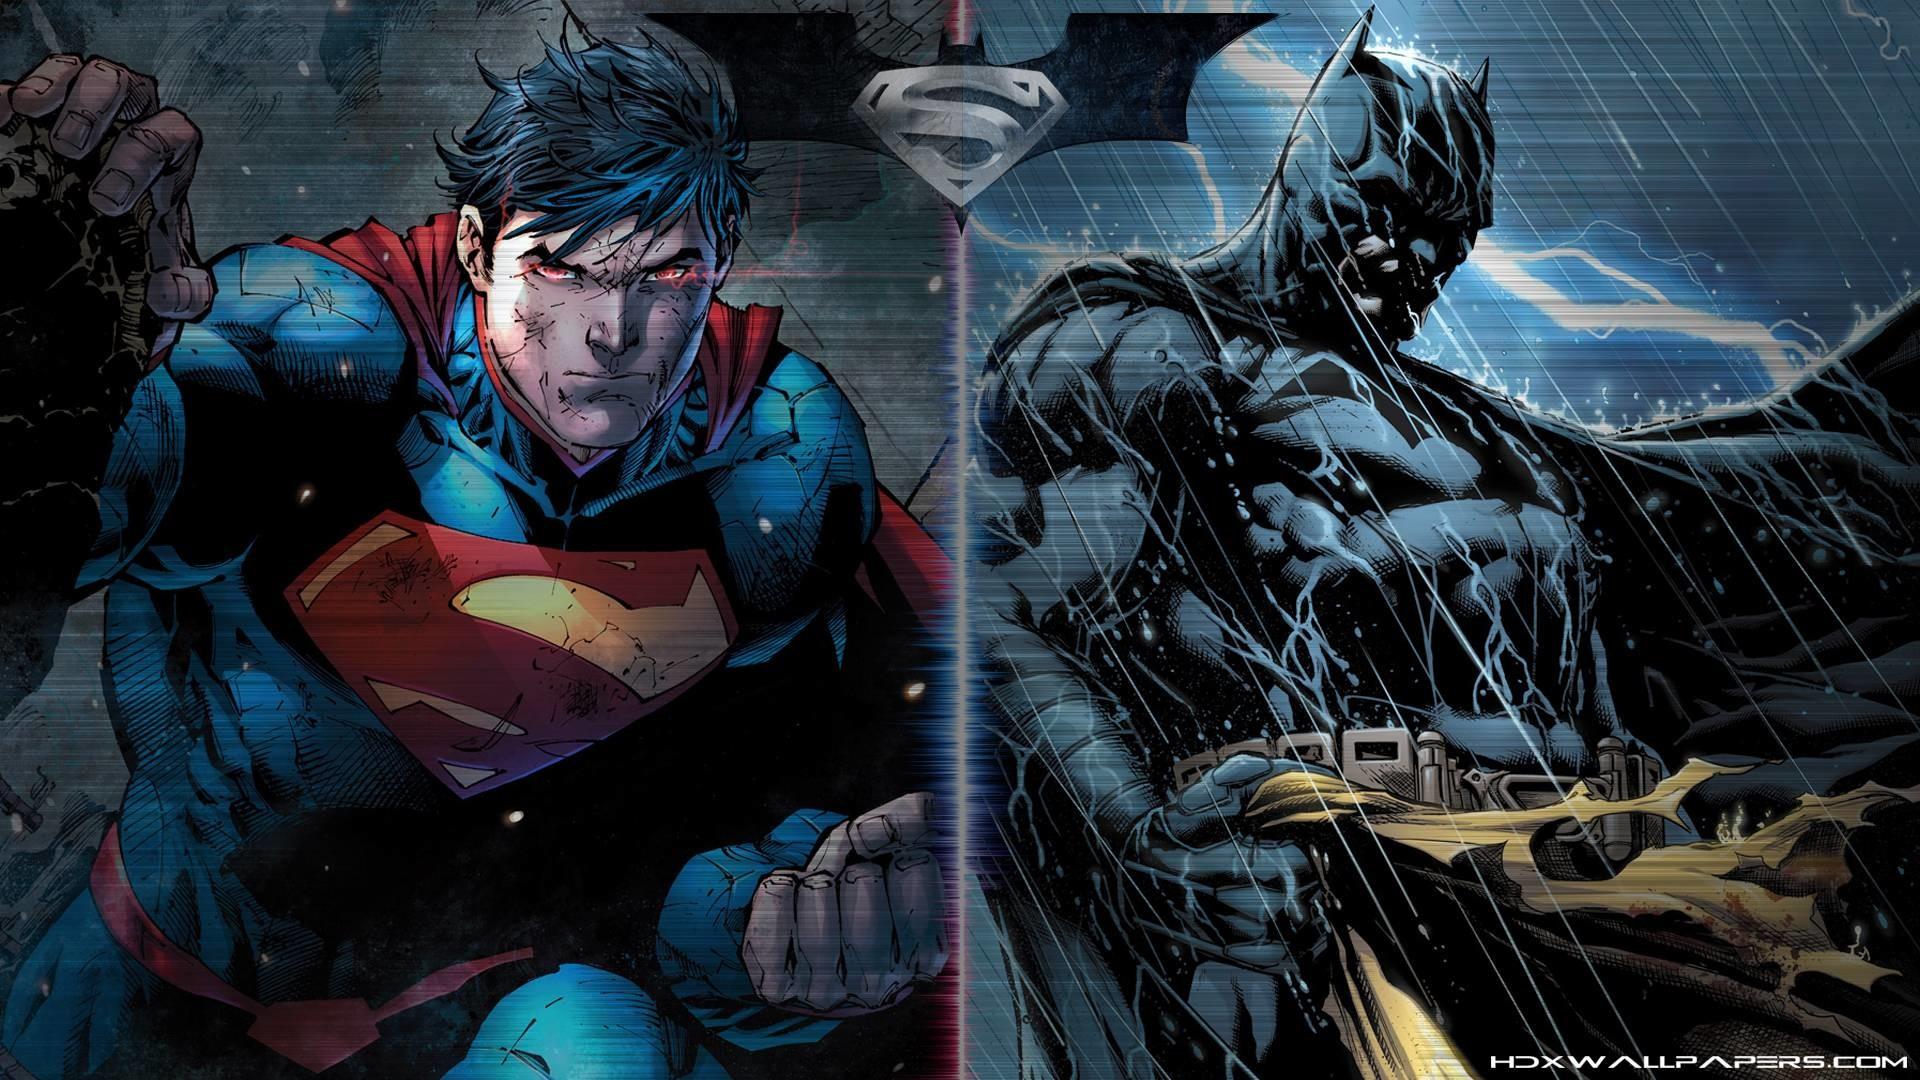 Wallpapers For > Batman Vs Superman 2015 Wallpaper